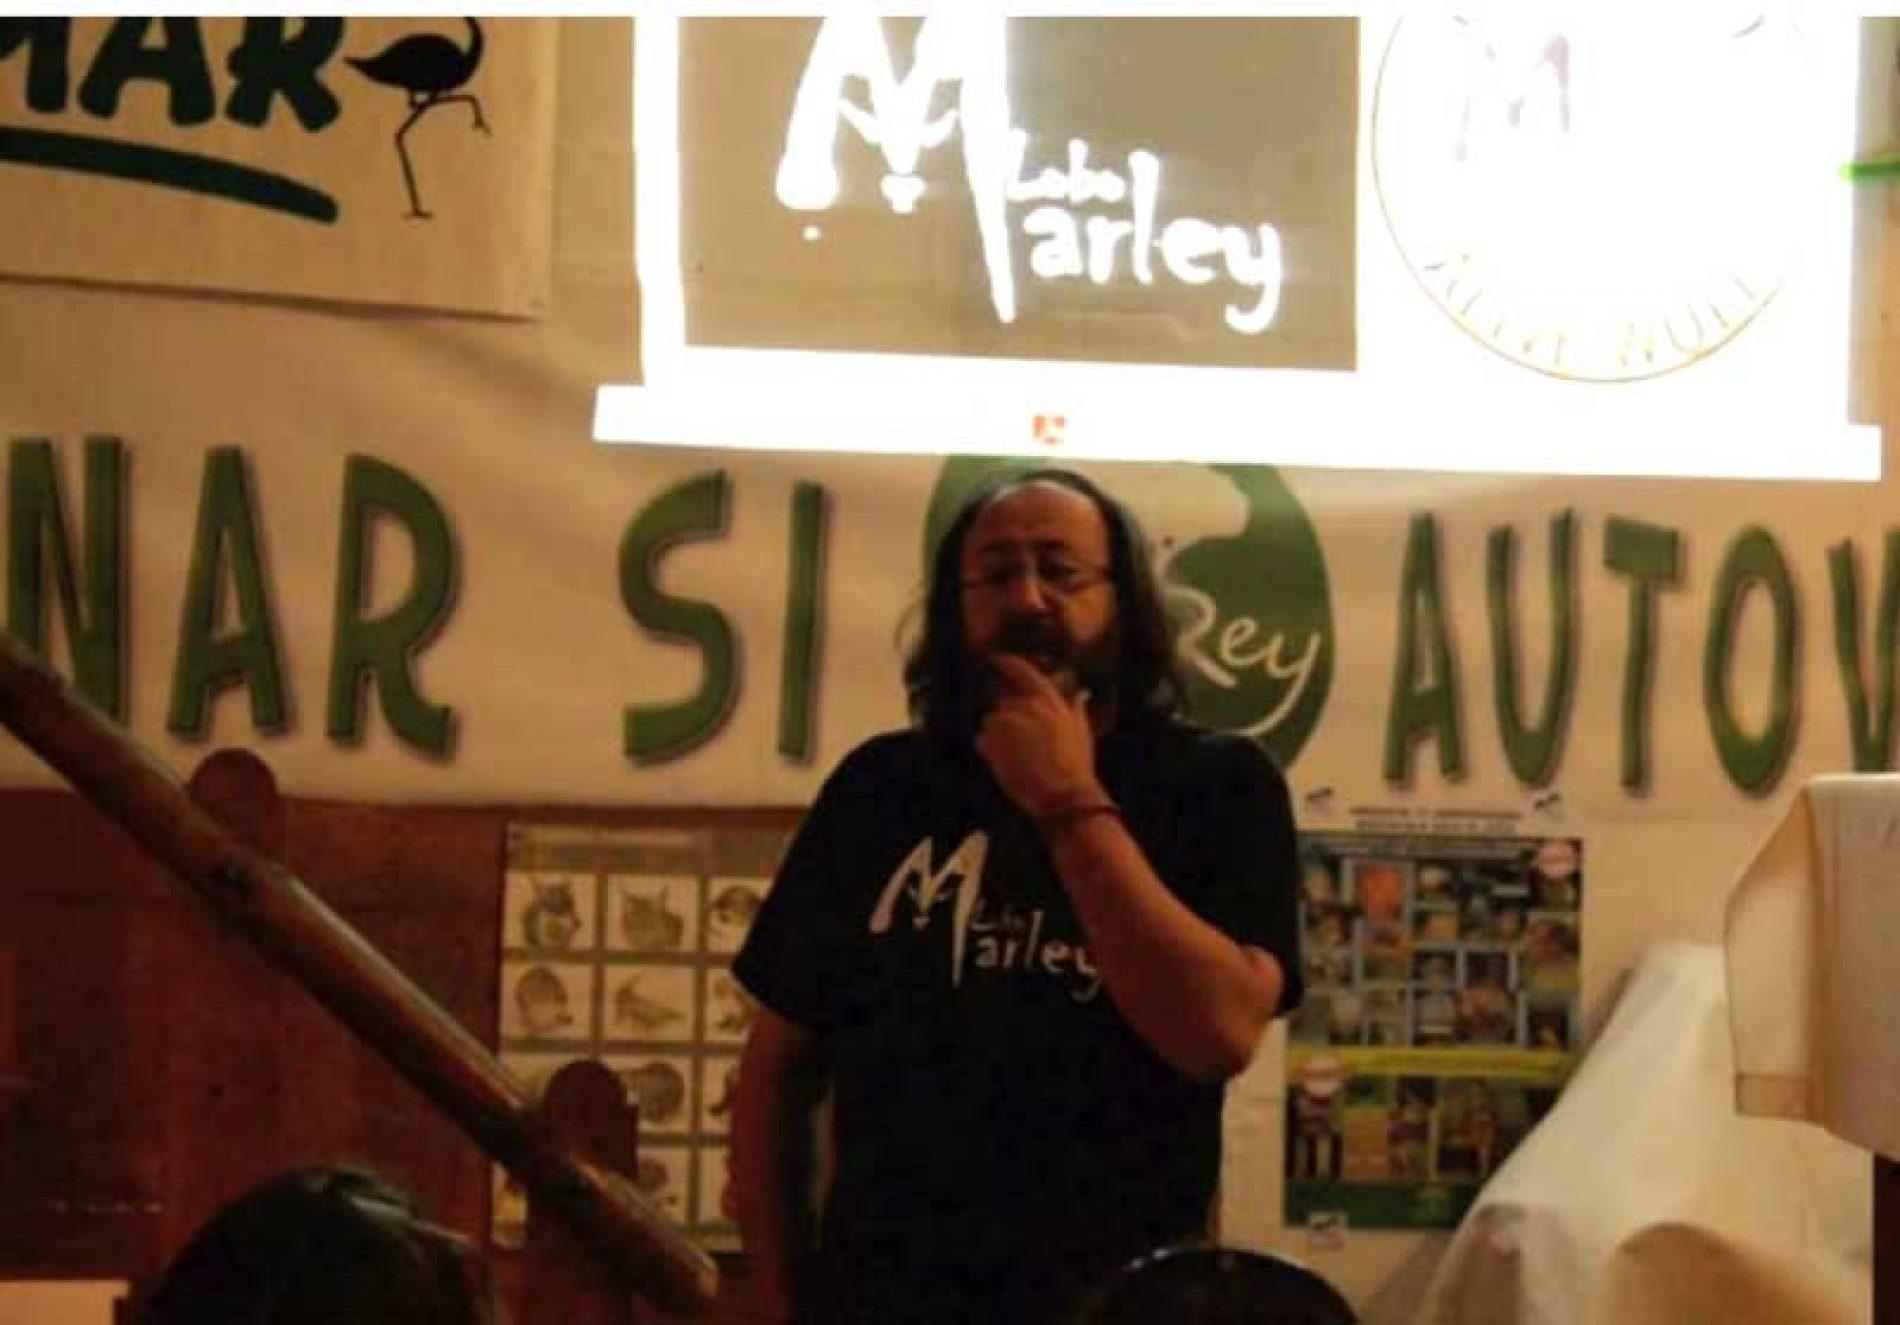 """Los cazadores indignados por la absolución de """"Lobo Marley"""""""